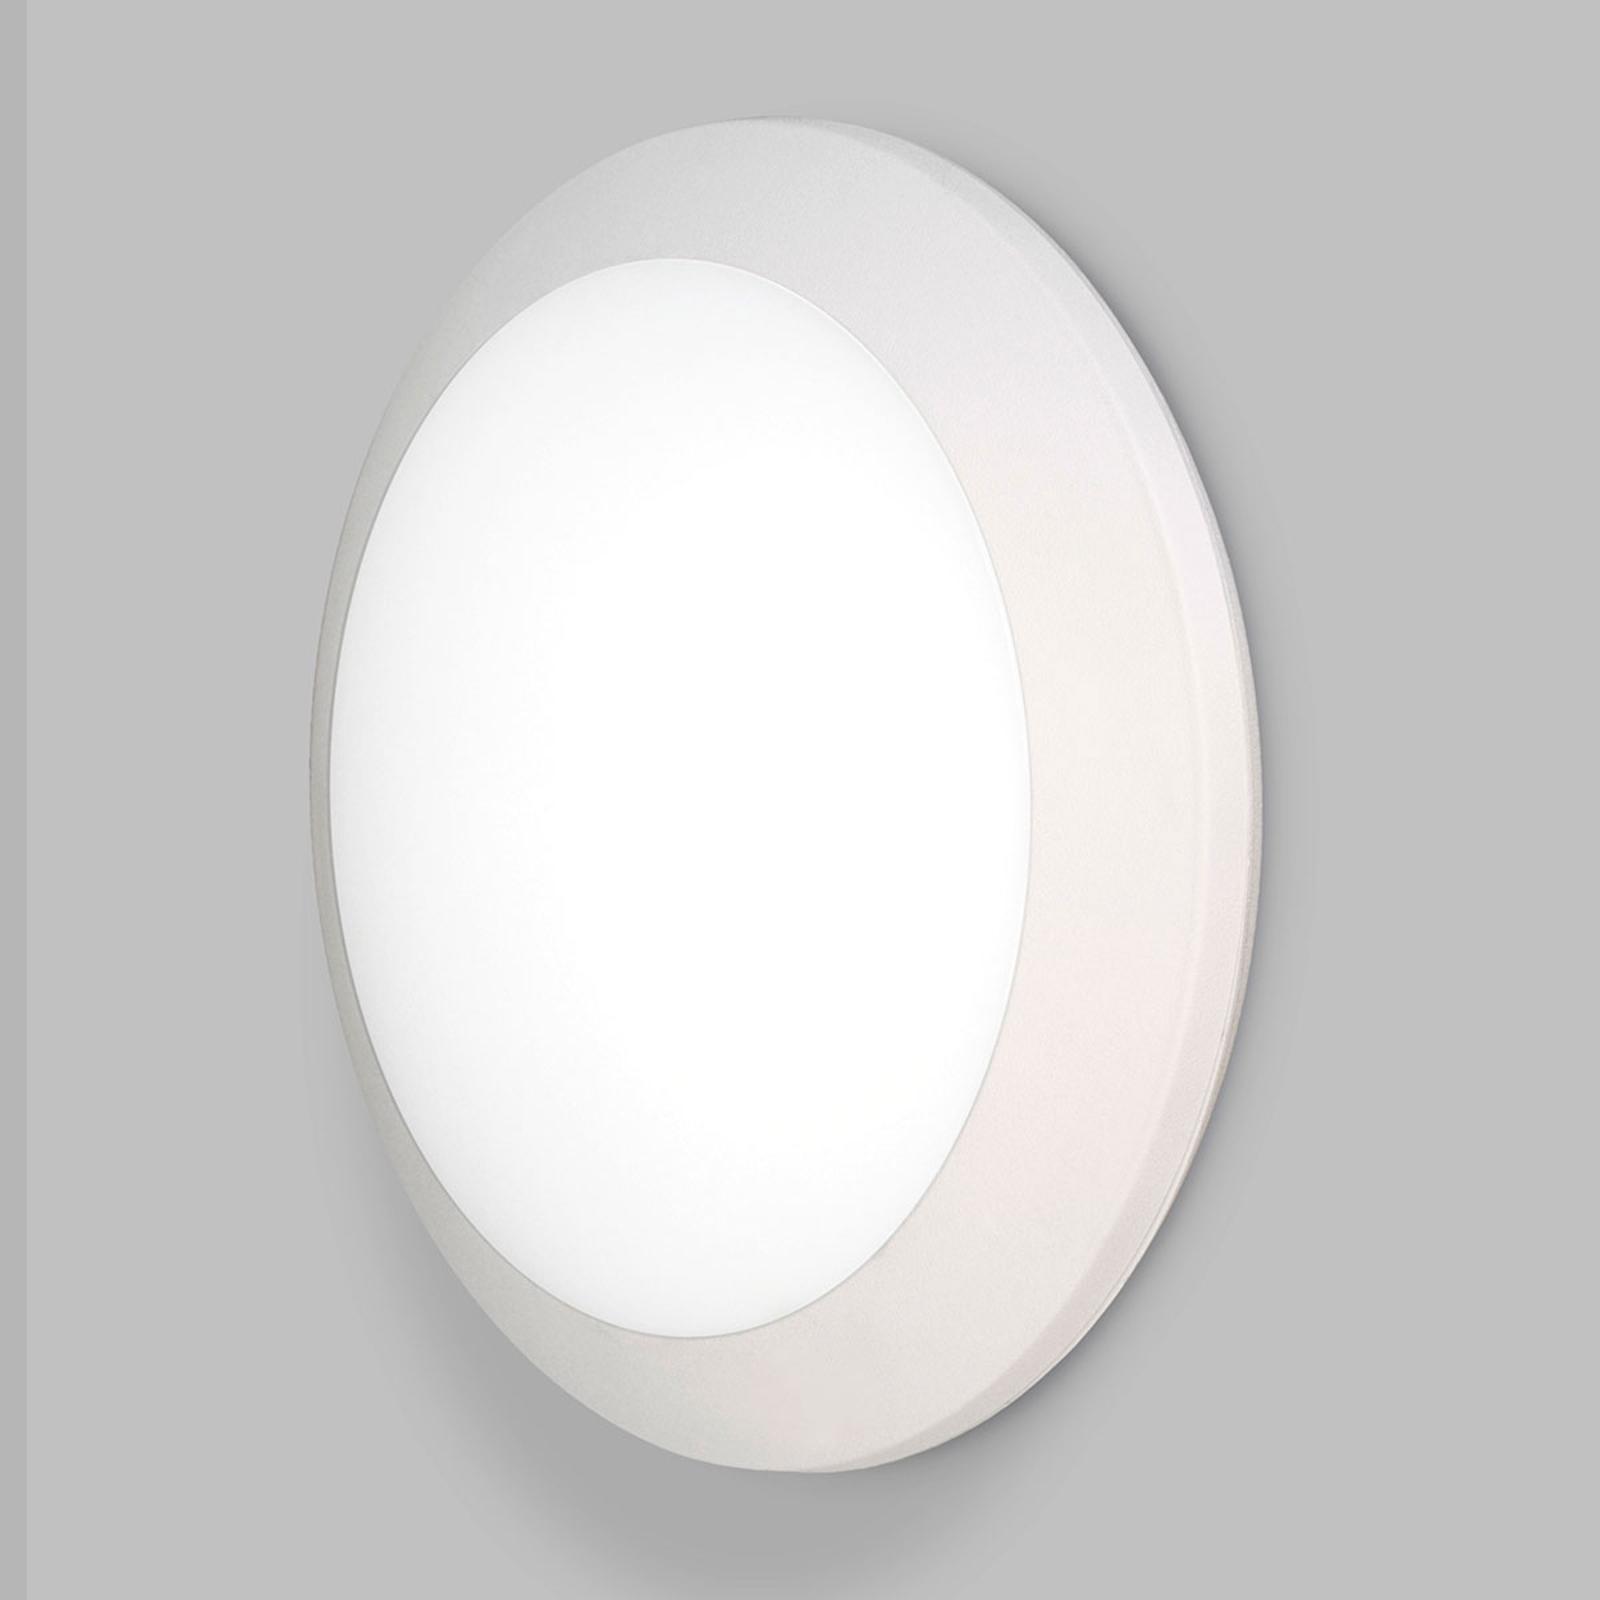 Utendørs LED-vegglampe Umberta Ø35 cm hvit 11W CCT